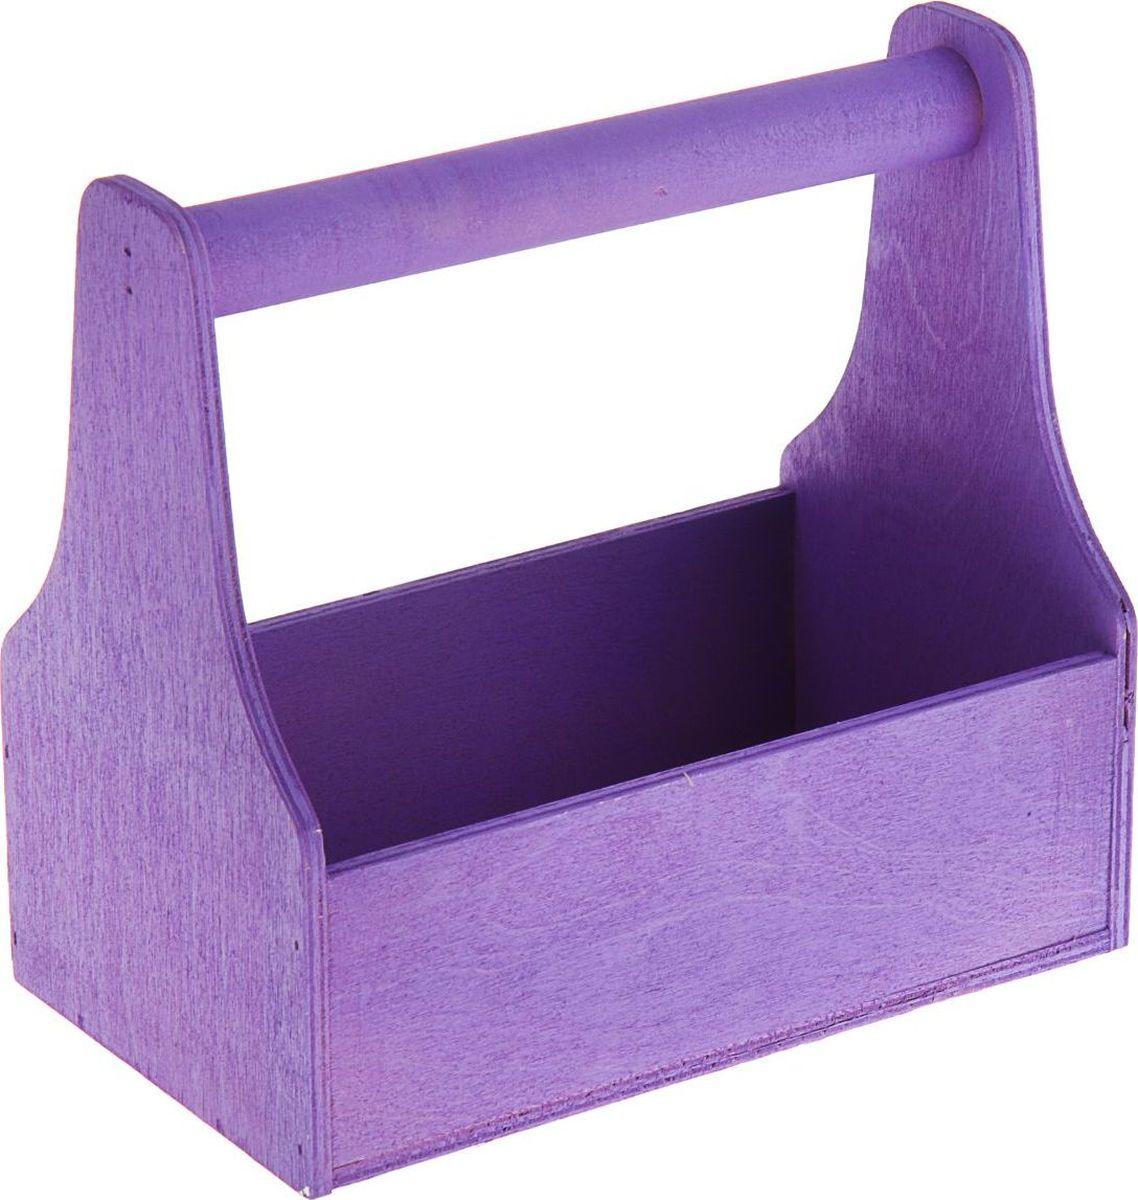 Кашпо ТД ДМ Ящик для инструментов, цвет: фиолетовый, 20 х 20 х 12,5 см1874336#name# — сувенир в полном смысле этого слова. И главная его задача — хранить воспоминание о месте, где вы побывали, или о том человеке, который подарил данный предмет. Преподнесите эту вещь своему другу, и она станет достойным украшением его дома.